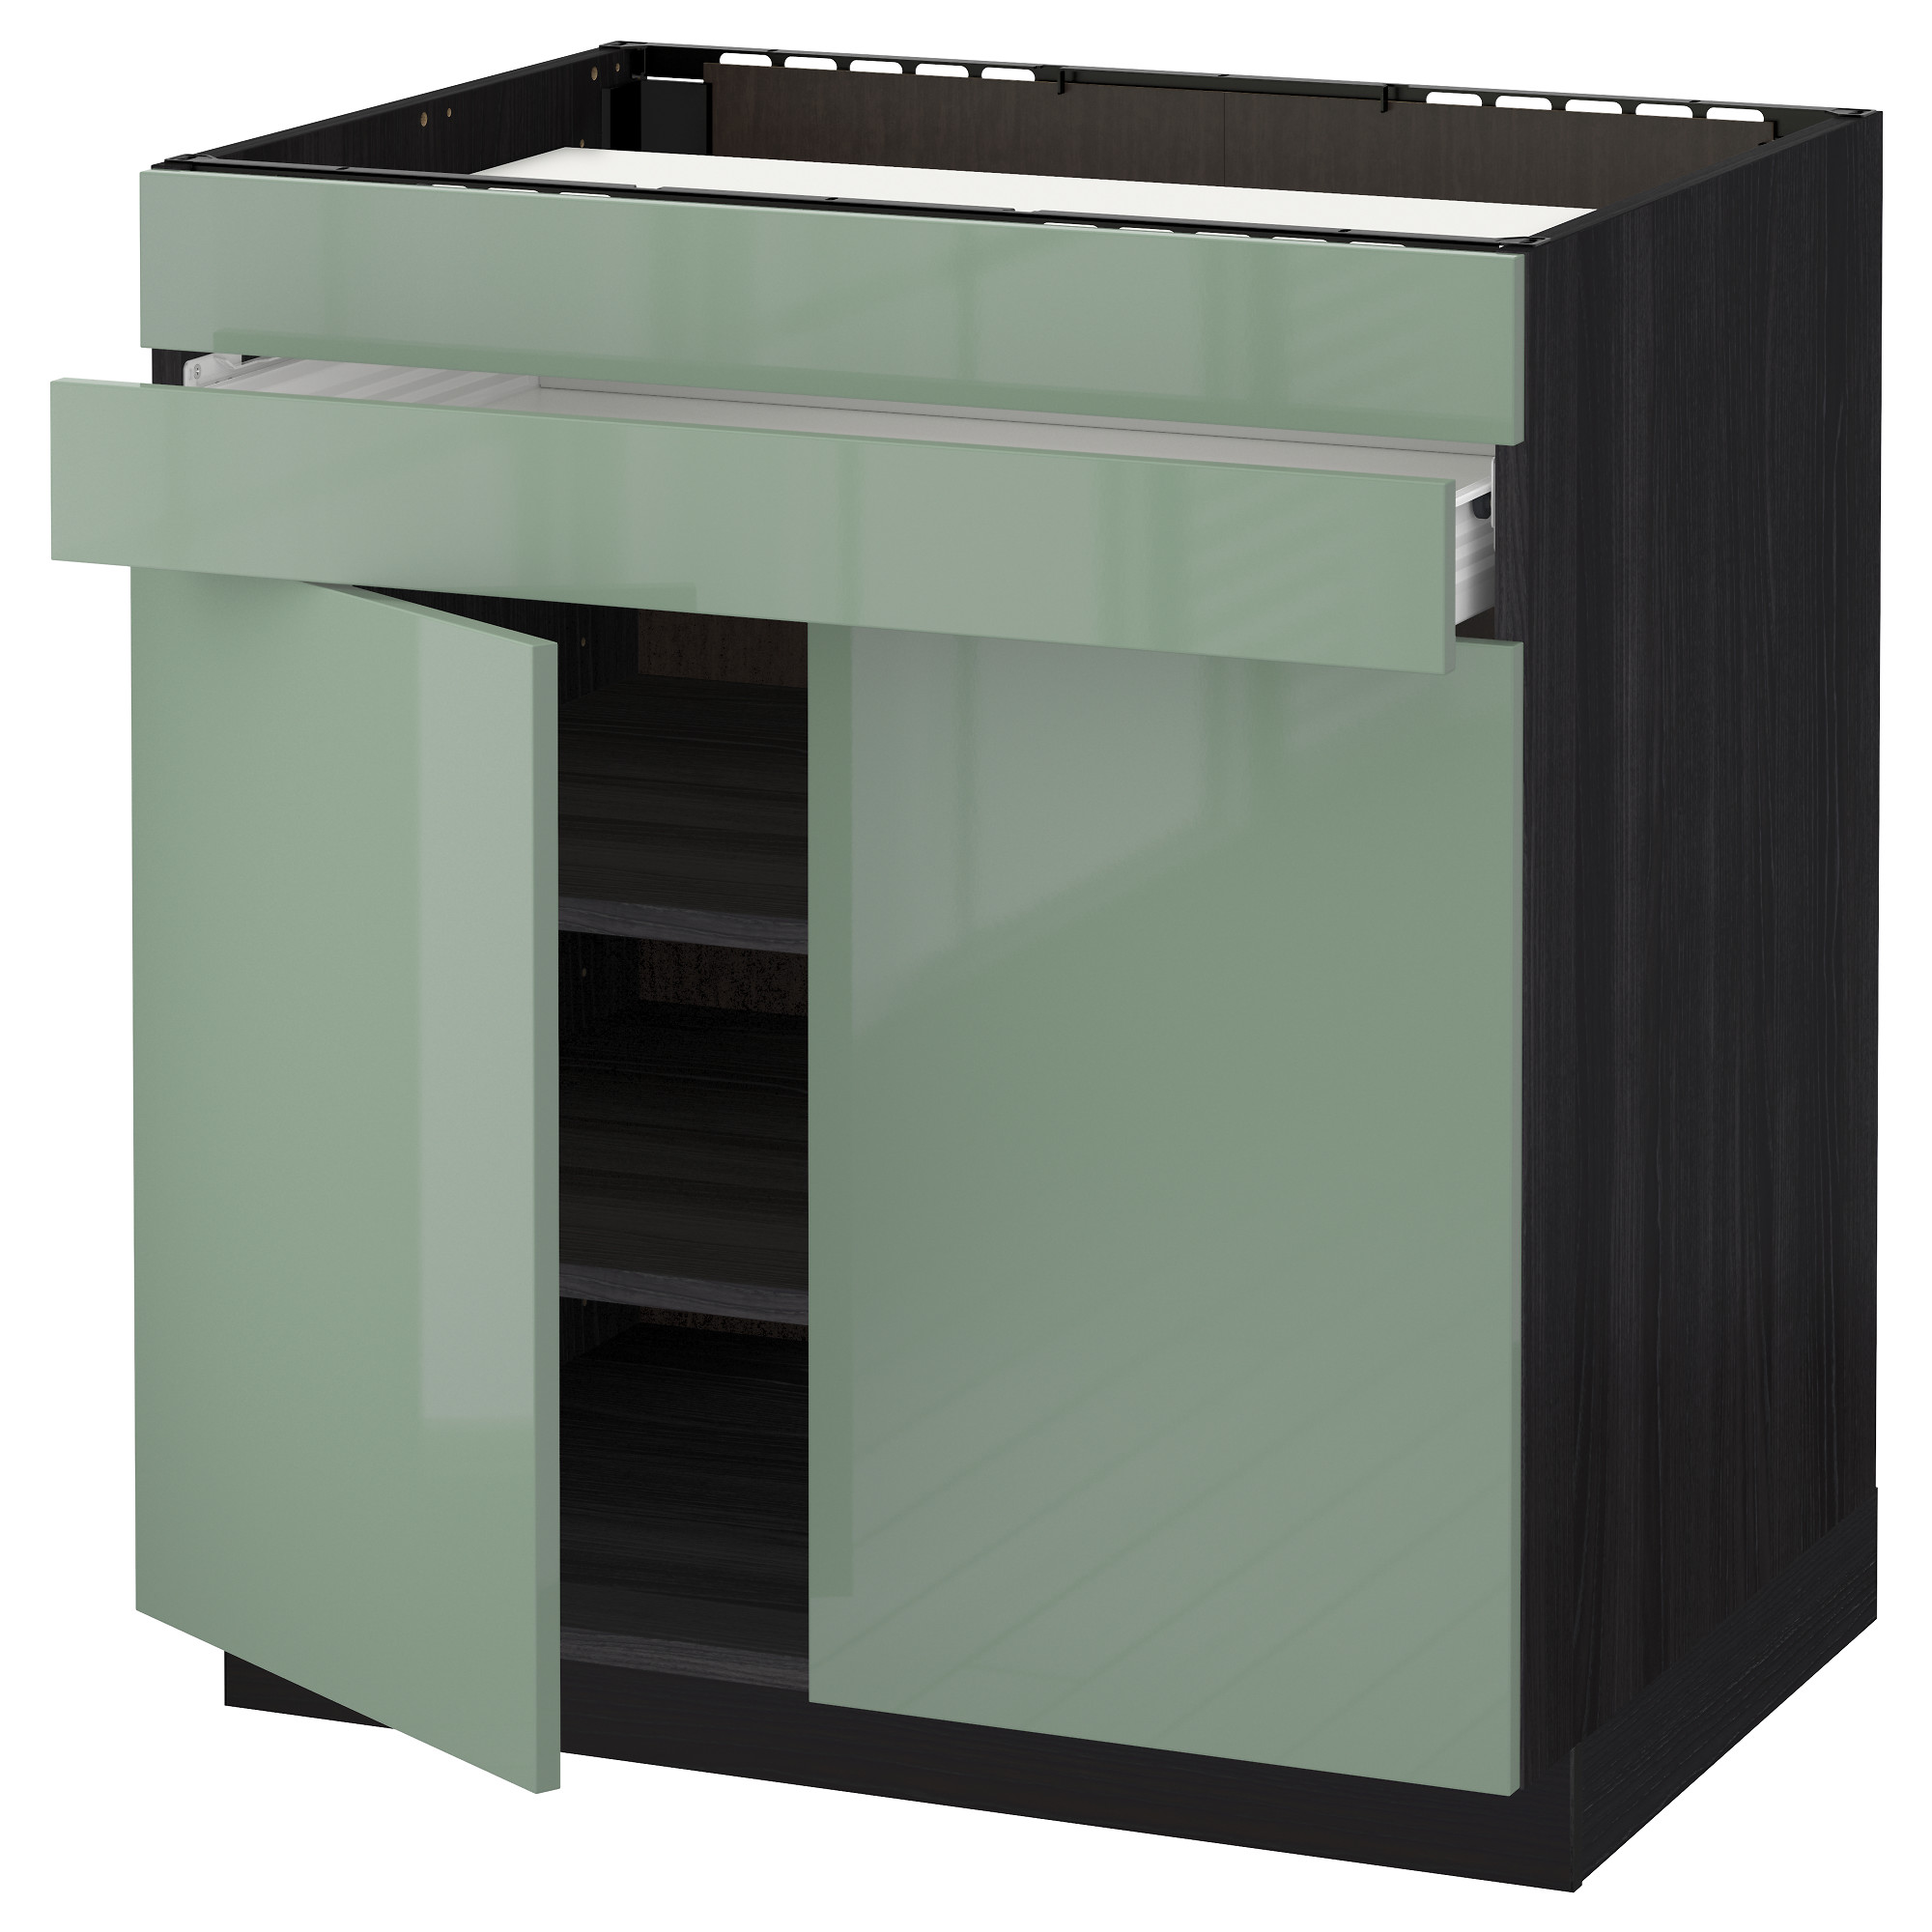 Напольный шкаф для варочной панели, 2 ящика, 2 фасада, 1 ящик МЕТОД / ФОРВАРА черный артикуль № 692.656.82 в наличии. Online магазин IKEA РБ. Быстрая доставка и соборка.